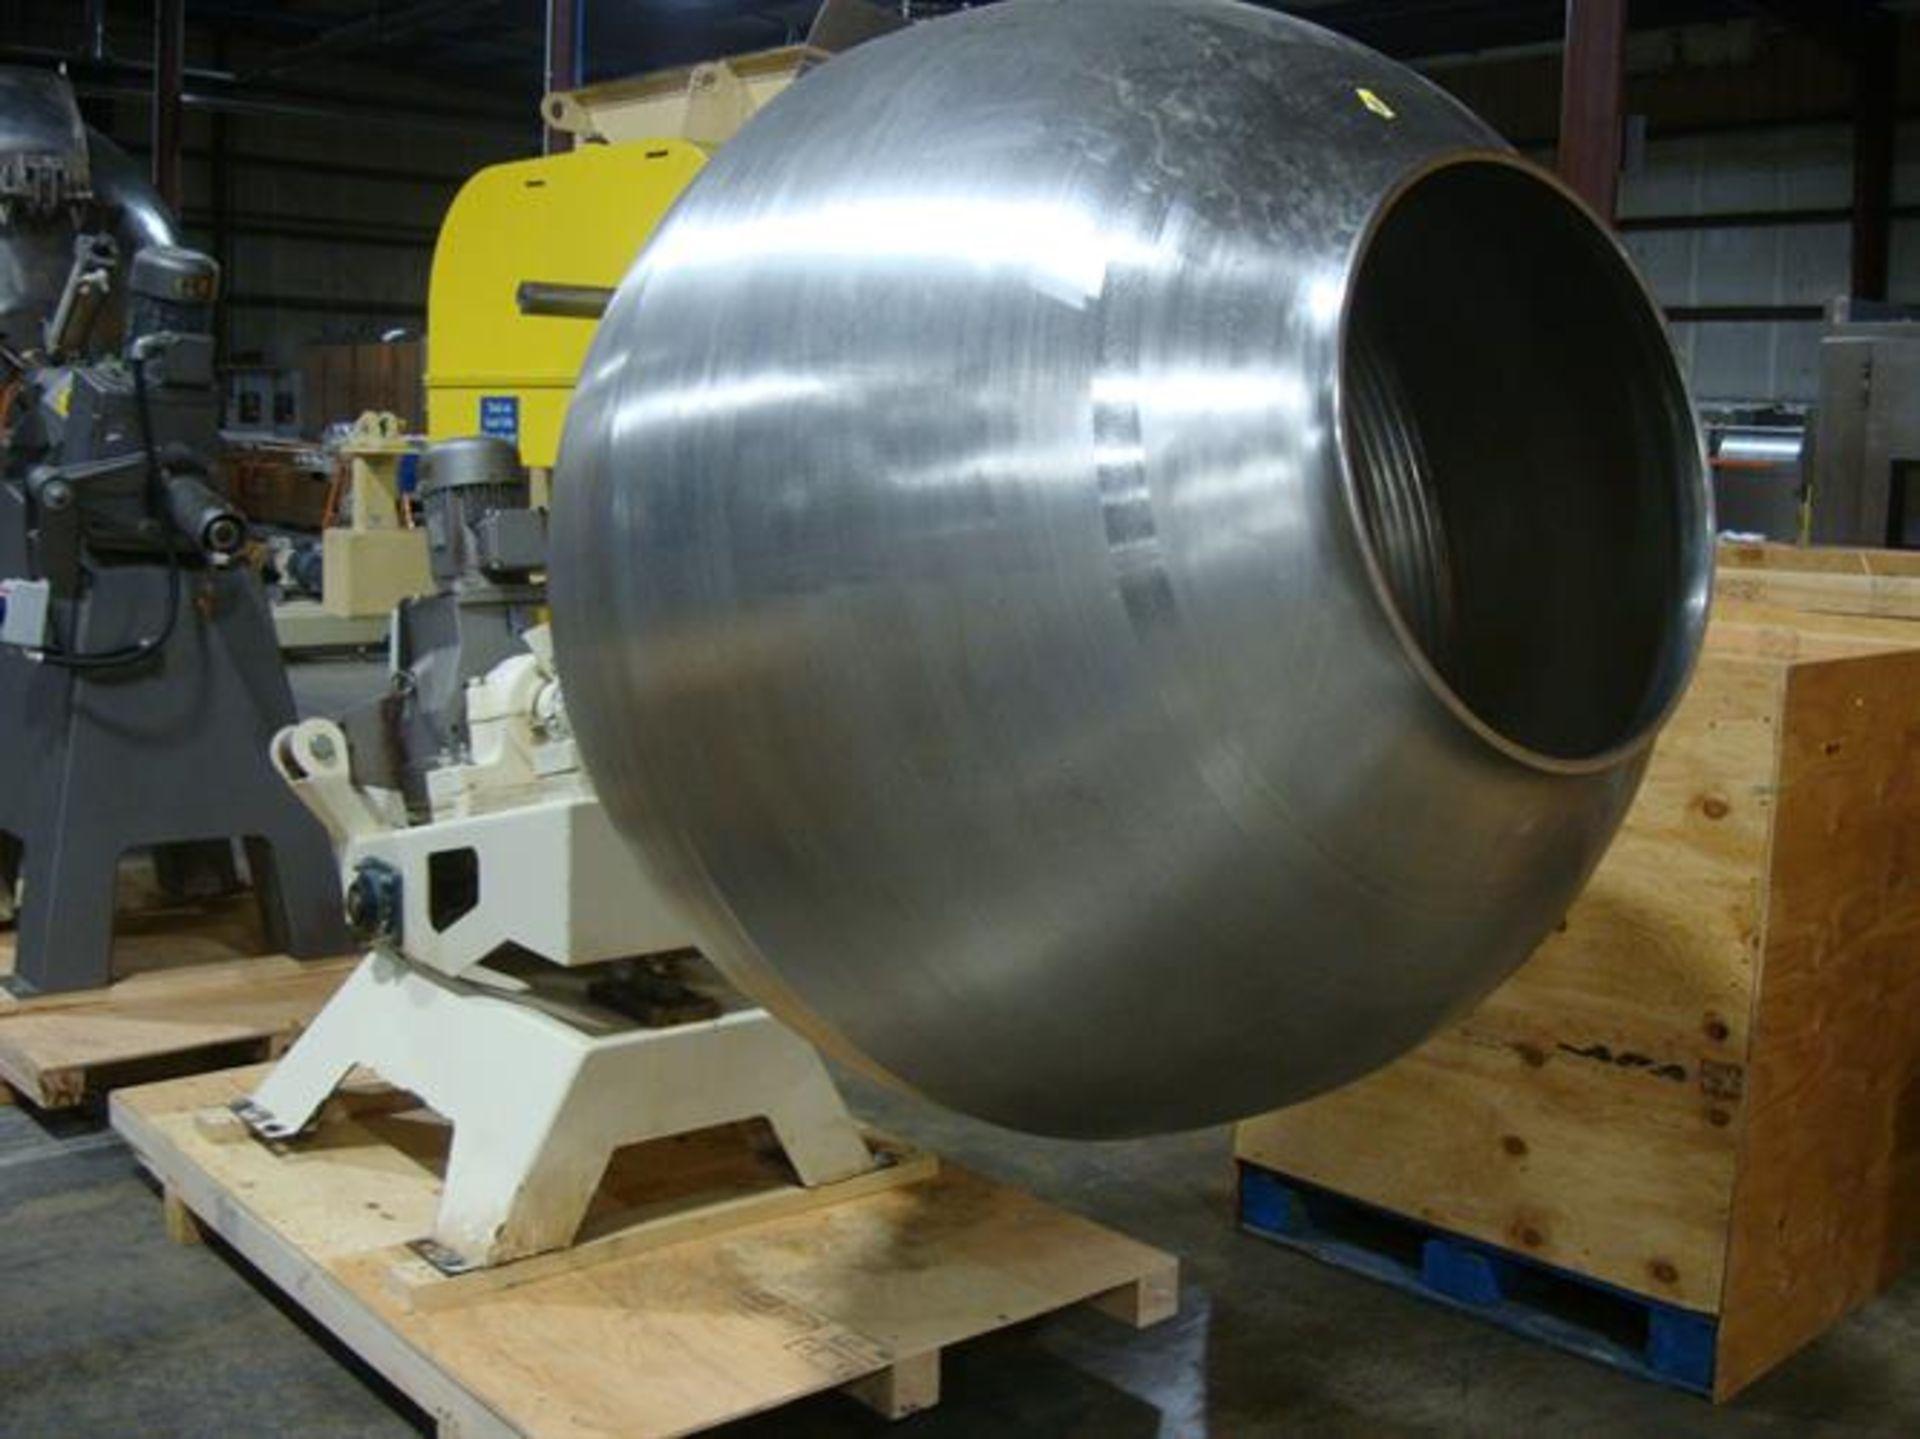 """Coating Pan 52"""" Diameter Stainless Steel Grossing Pan - 52"""" diameter - 23.75"""" diameter opening x - Image 4 of 4"""